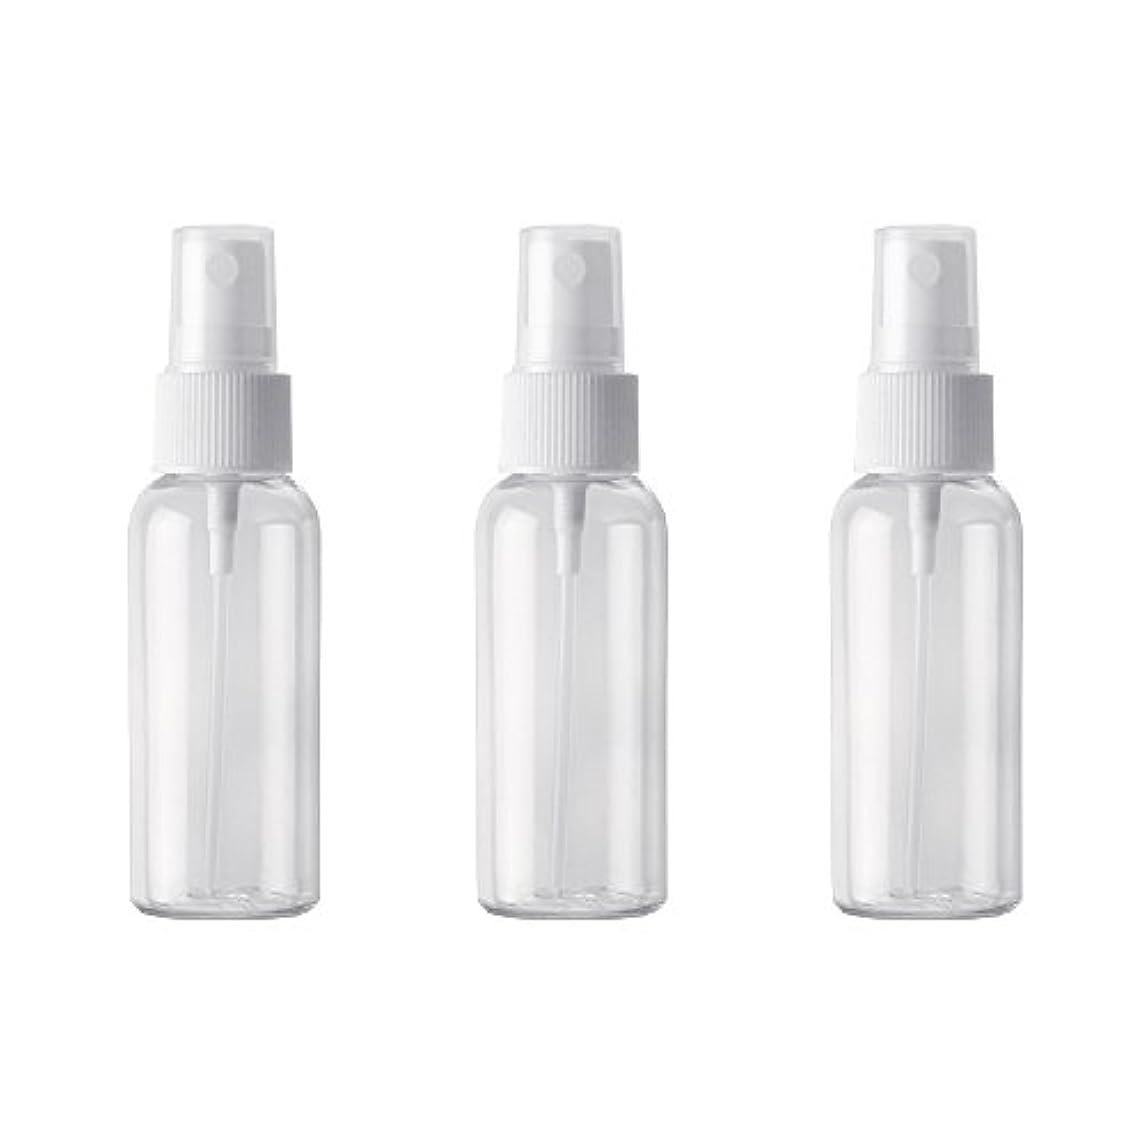 等しい横横PET小分けボトル トラベルボトル スプレーボトル 3本セット 霧吹き 小分け容器 化粧水 精製水 詰替ボトル 旅行用(50ml )